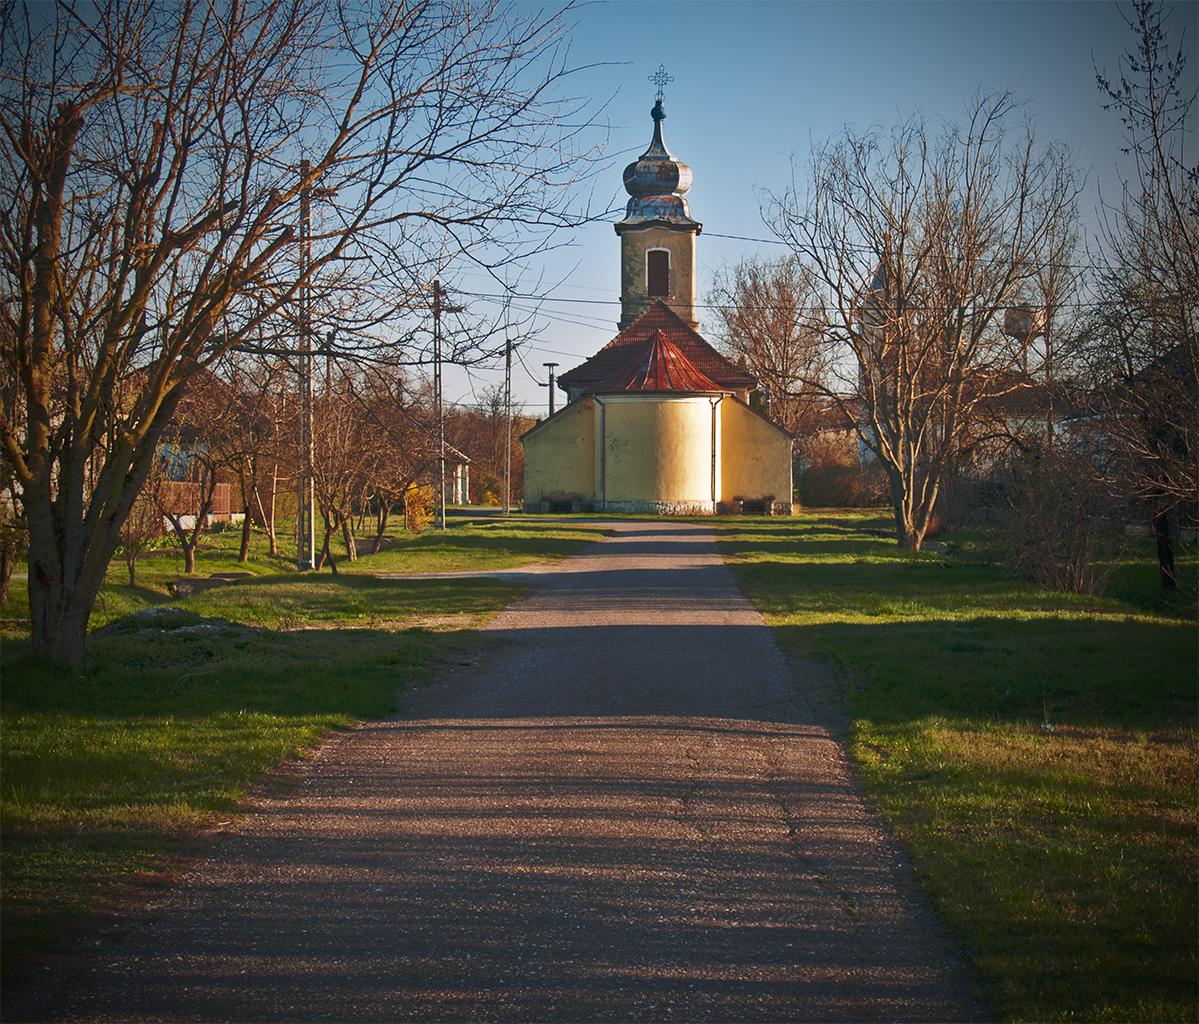 Újlőrincfalva, utca templommal